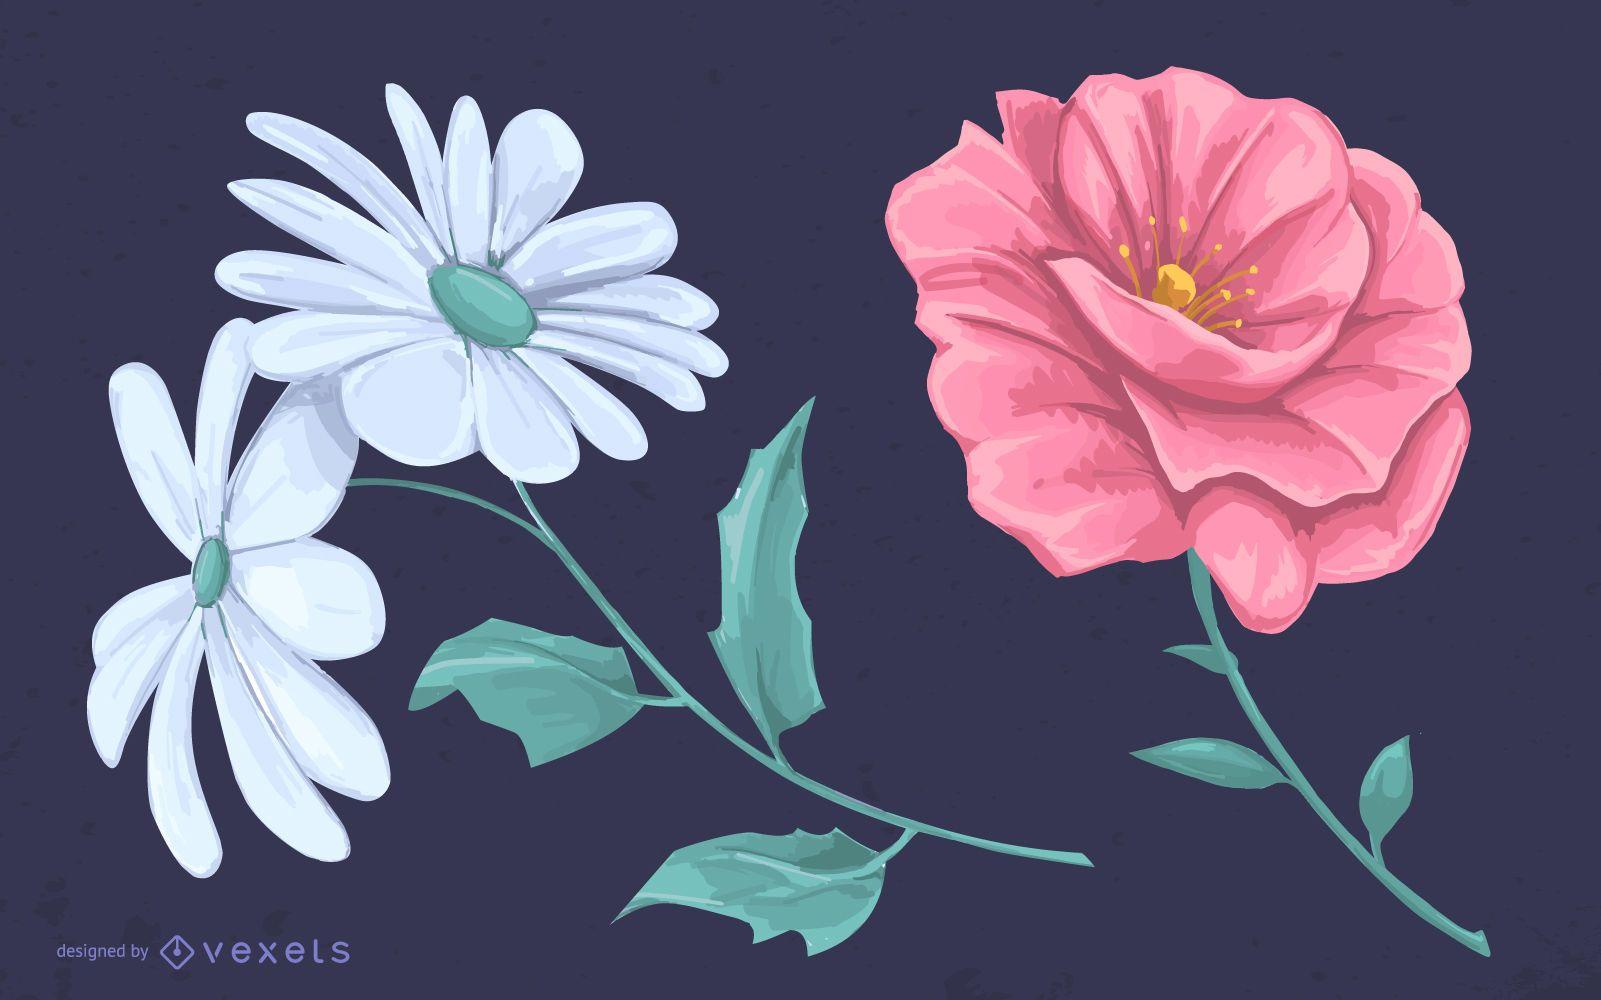 Desenho ilustrado de flores